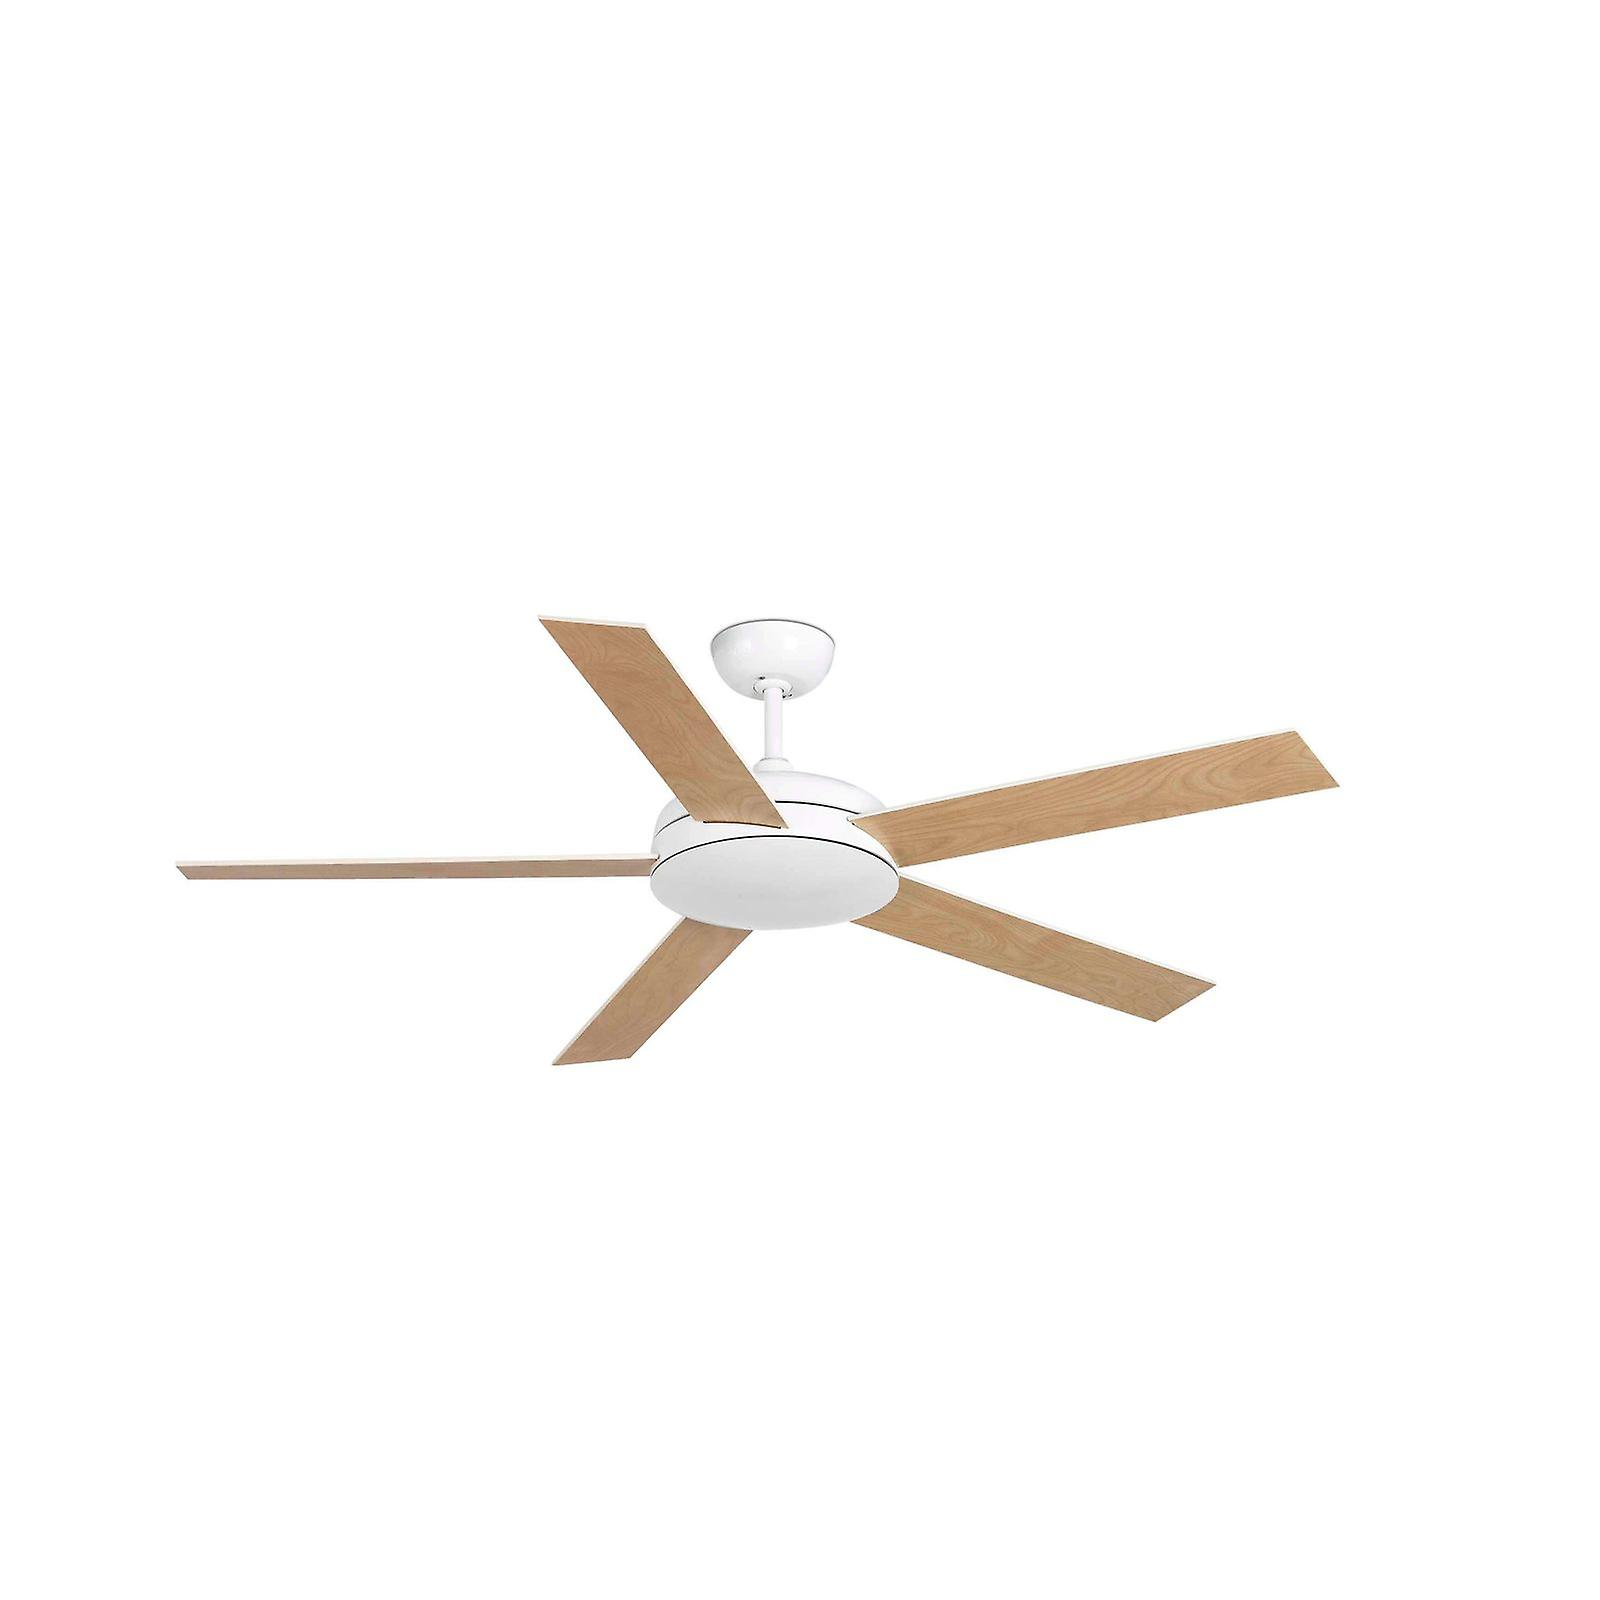 Ceiling fan Faro Nova 132cm / 52